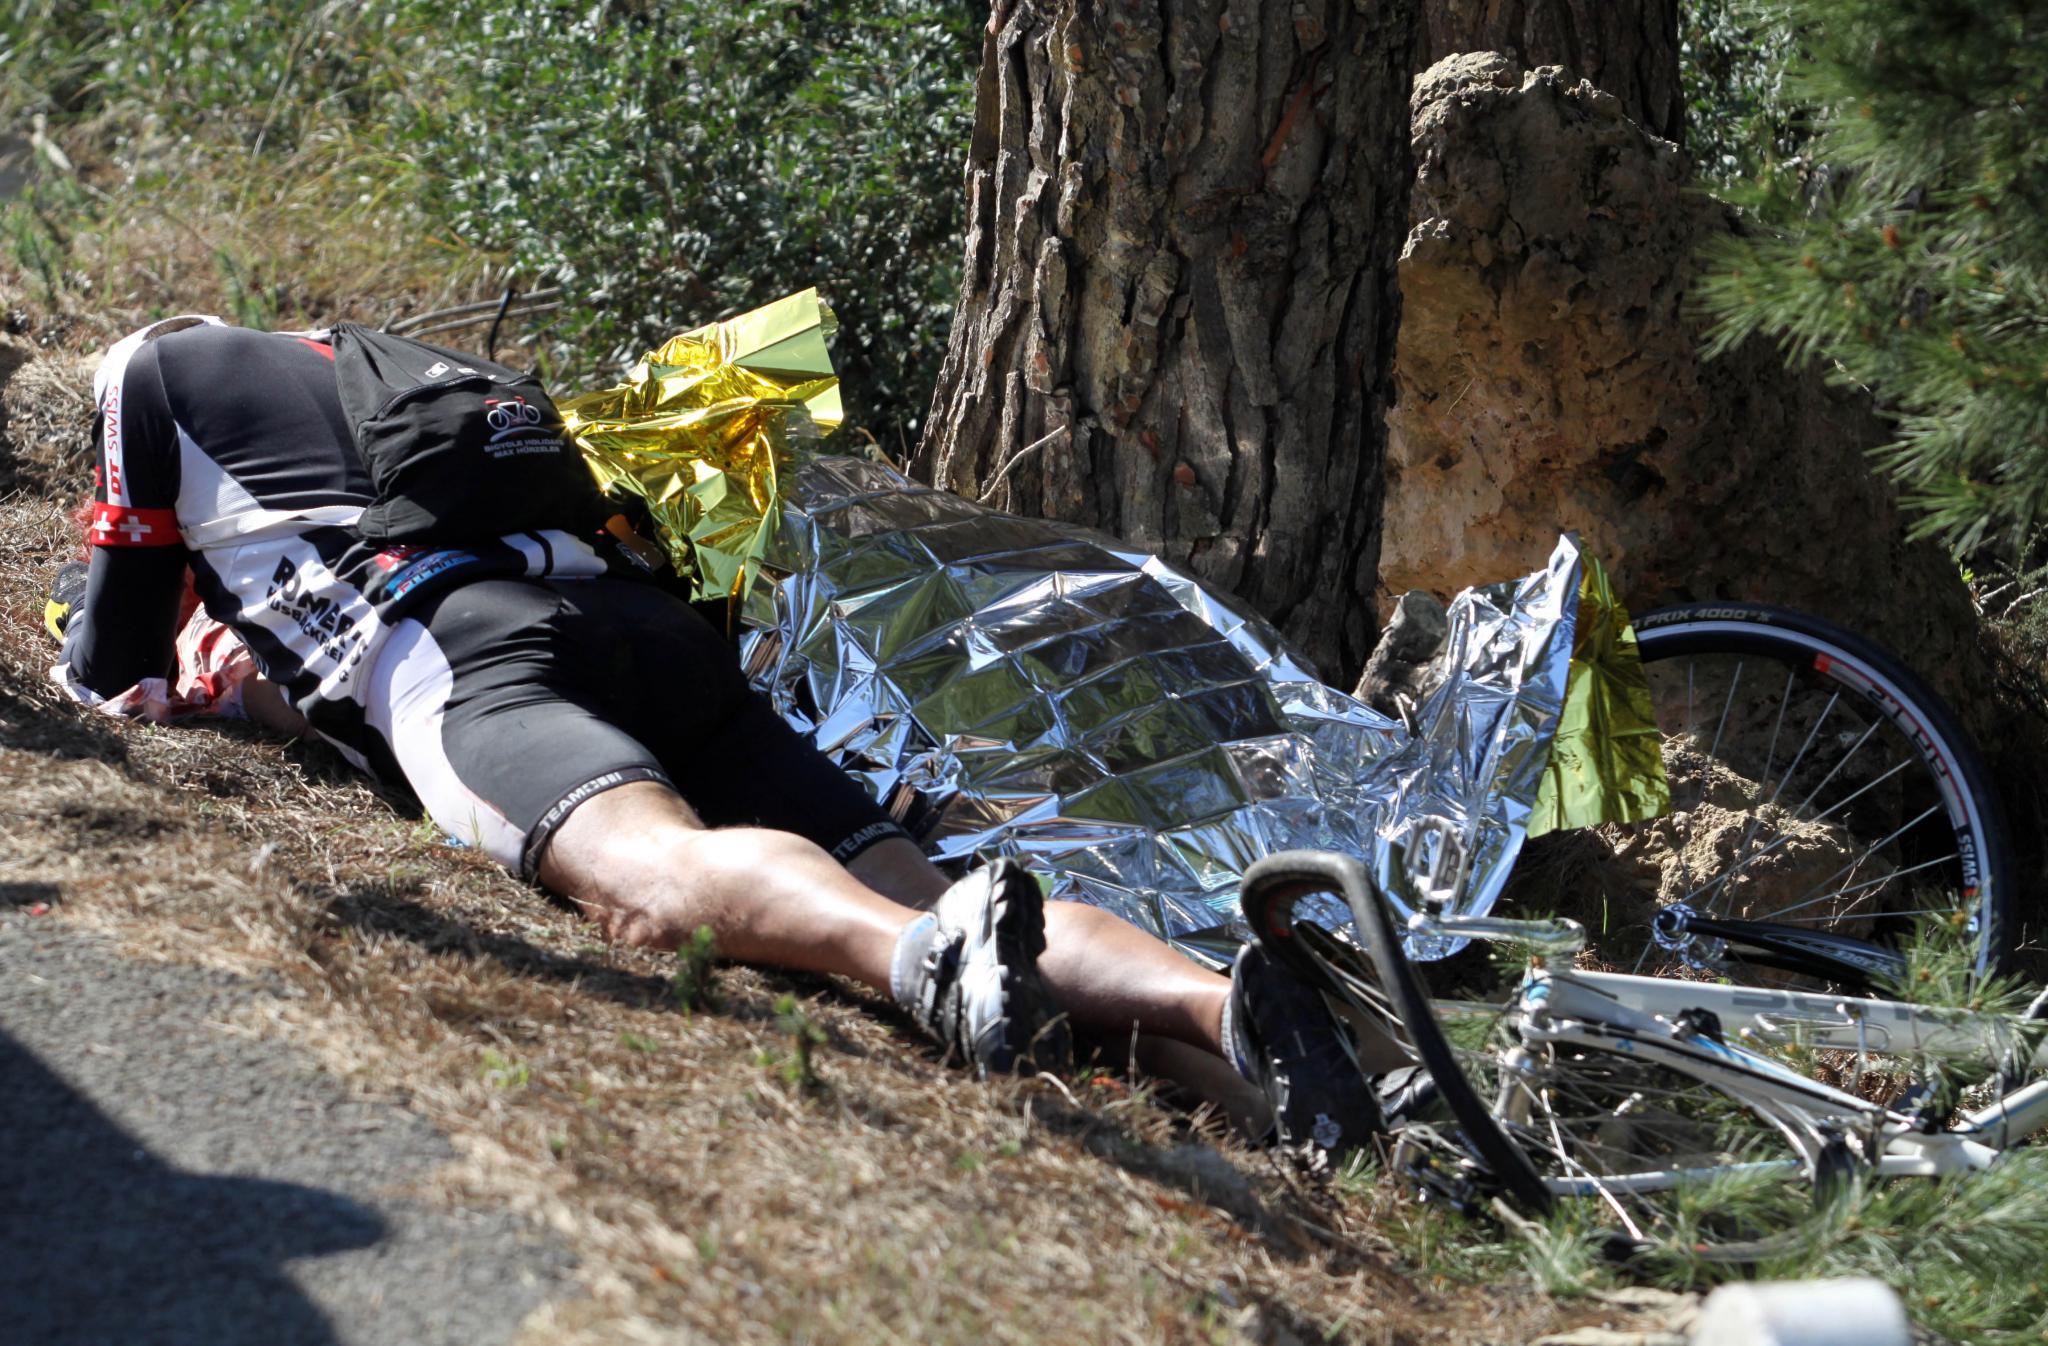 Deutsche rad touristin totgefahren lokales nachrichten for Nachrichten magazin